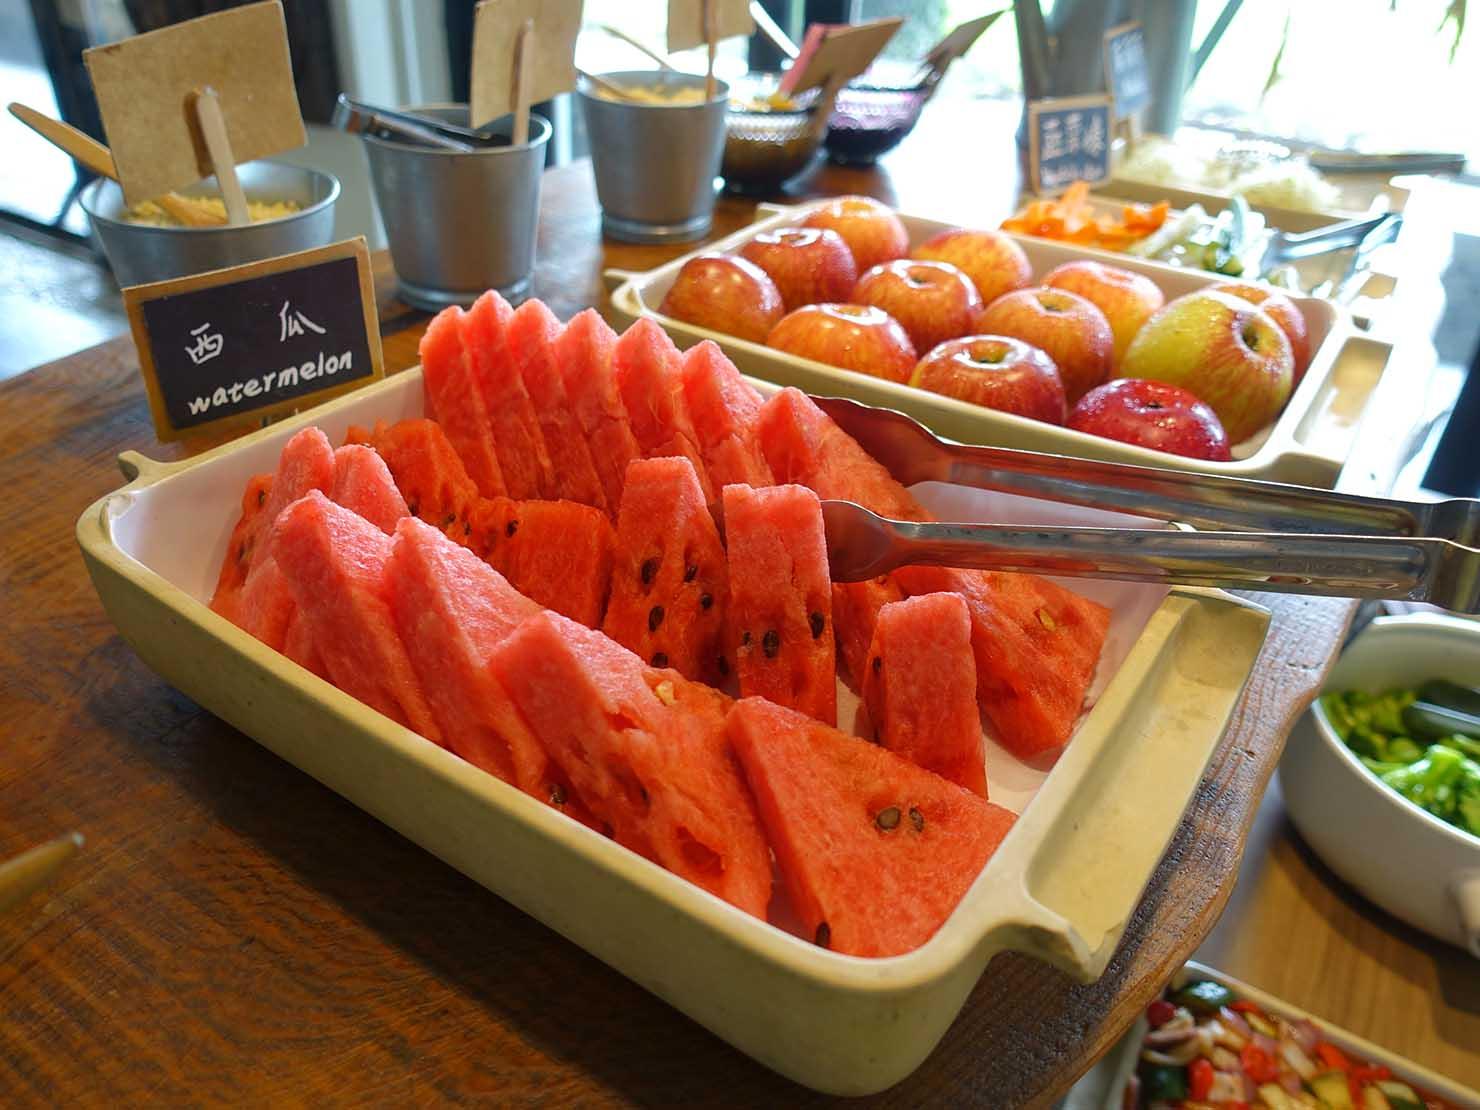 台湾・台東市街のおすすめホテル「MATA家屋」朝食ビュッフェのフルーツ